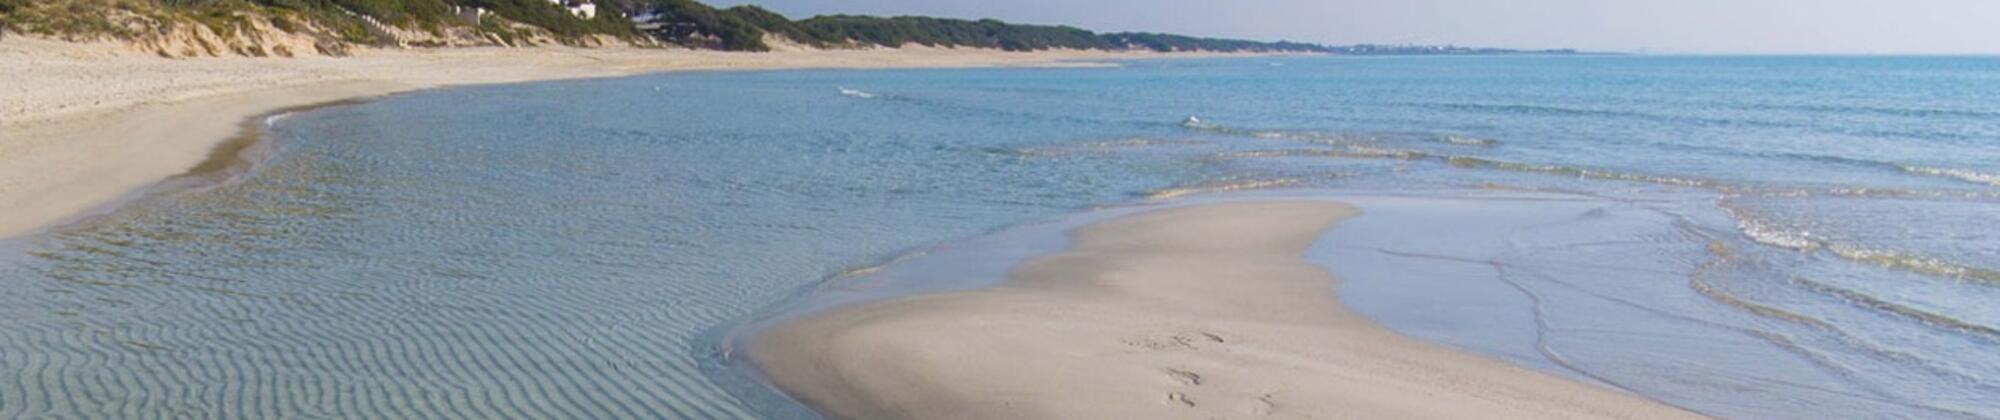 Vacanze in Masseria vicino al mare in Puglia